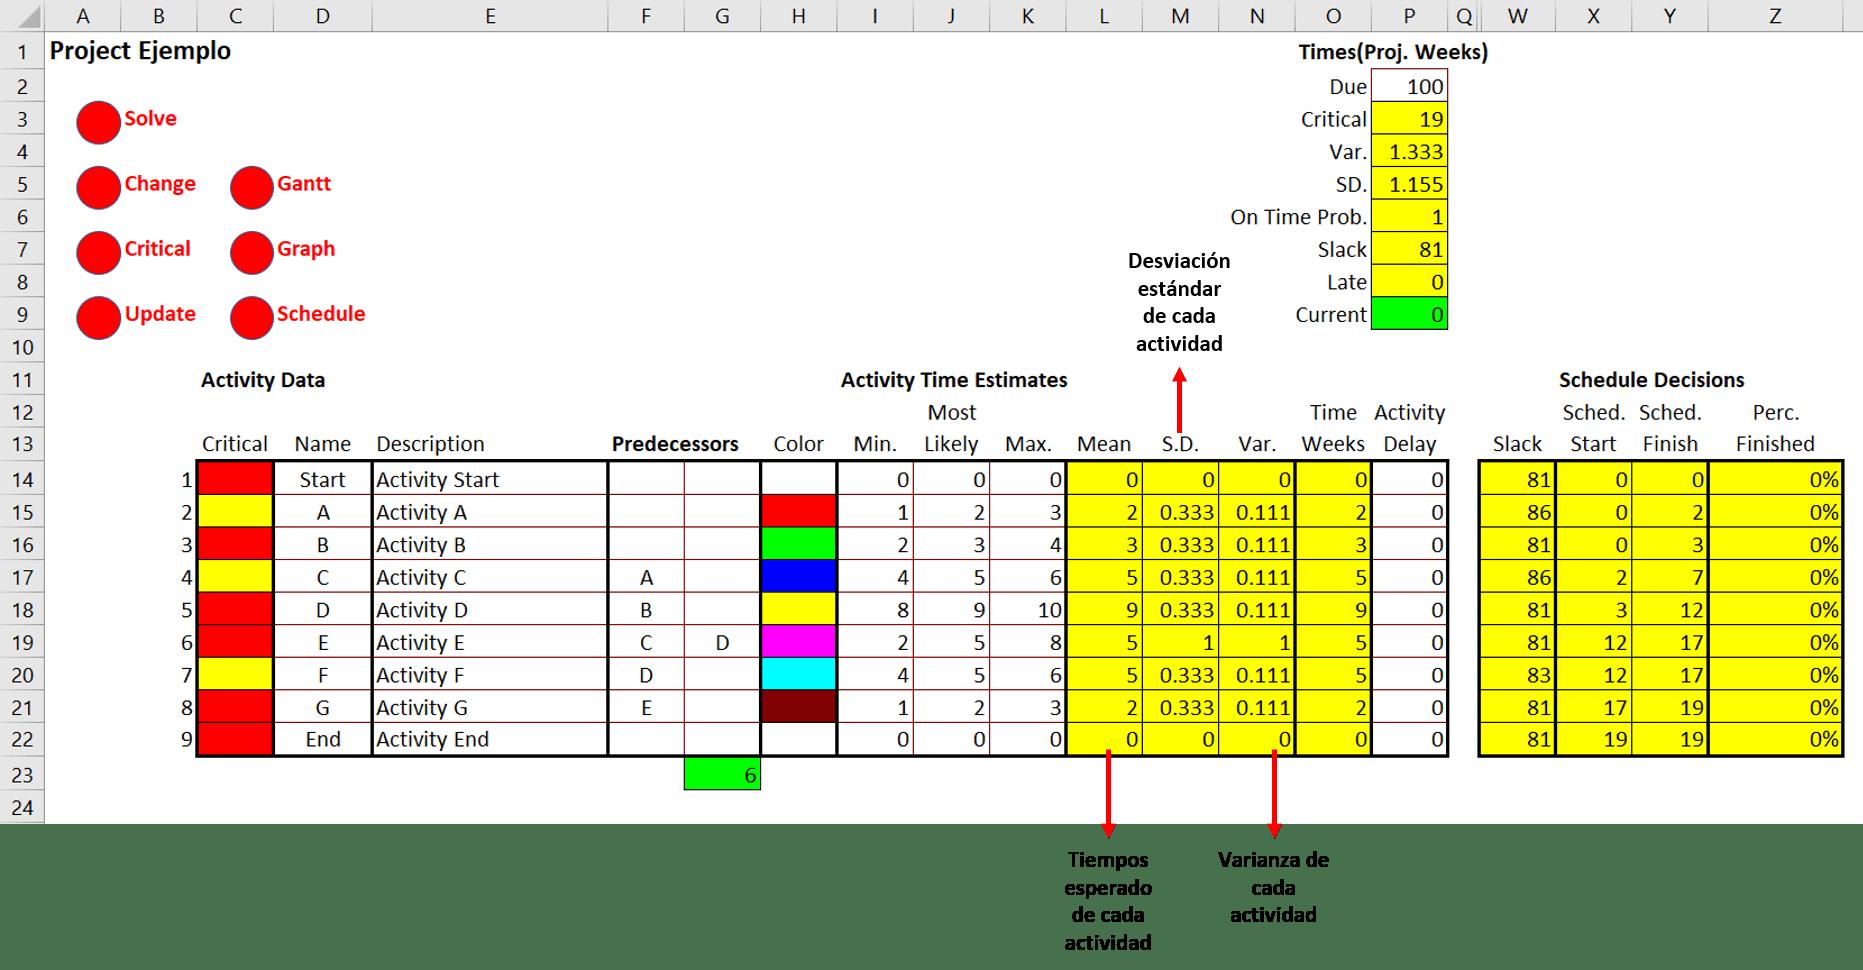 datos del ejemplo